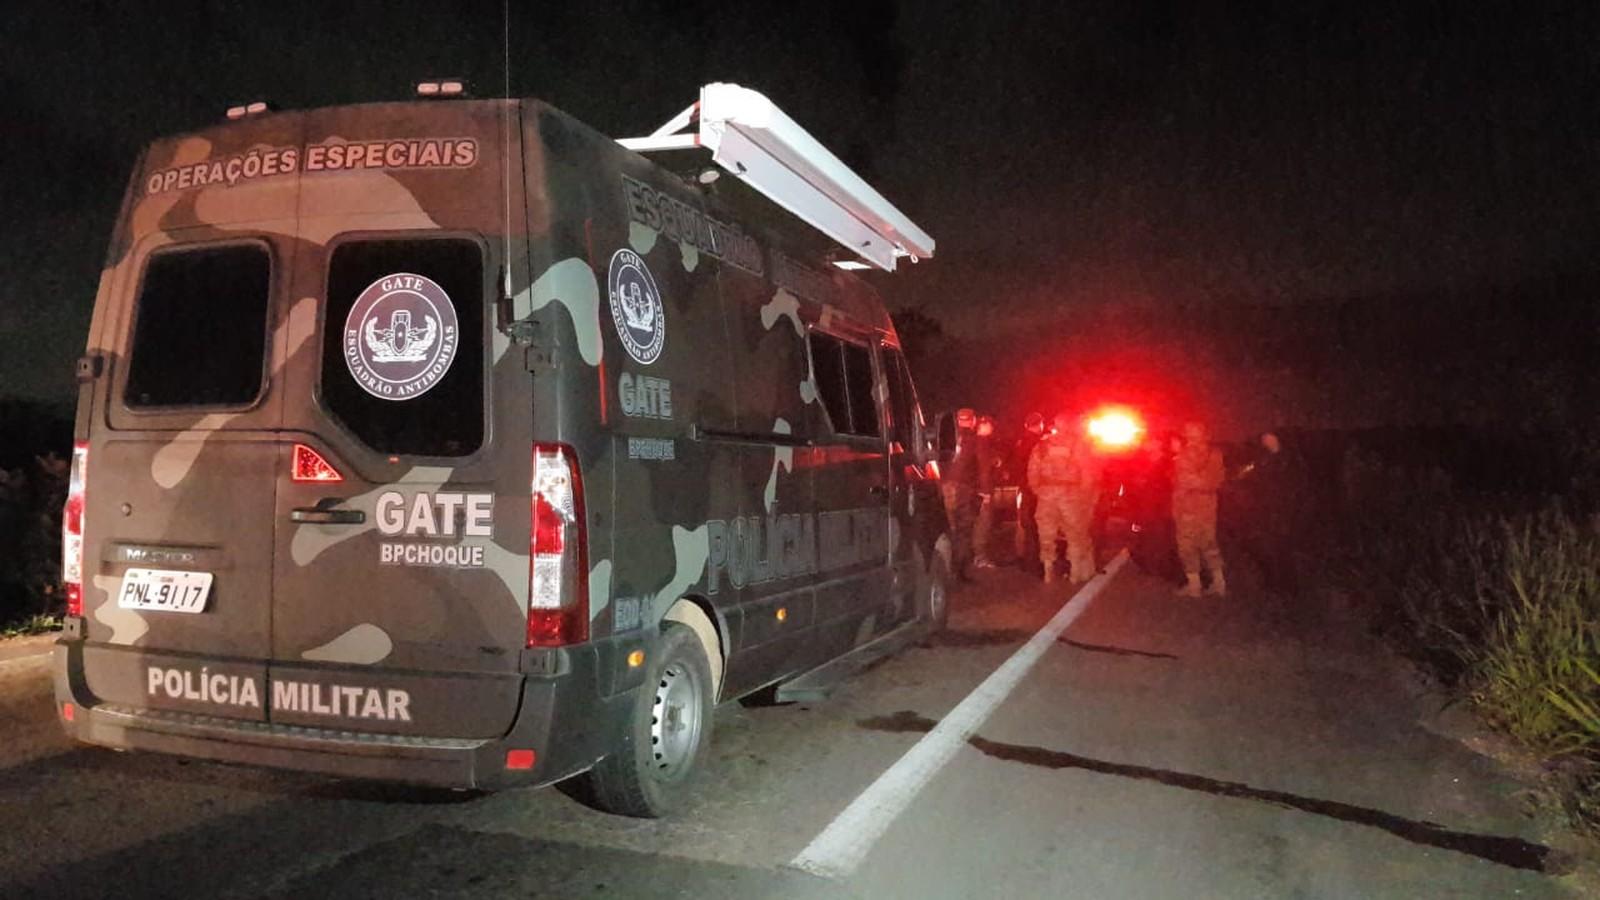 Equipes da Polícia Militar e do esquadrão antibombas estiveram no local após o ataque a torre de transmissão — Foto: Rafaela Duarte/Sistema Verdes Mares